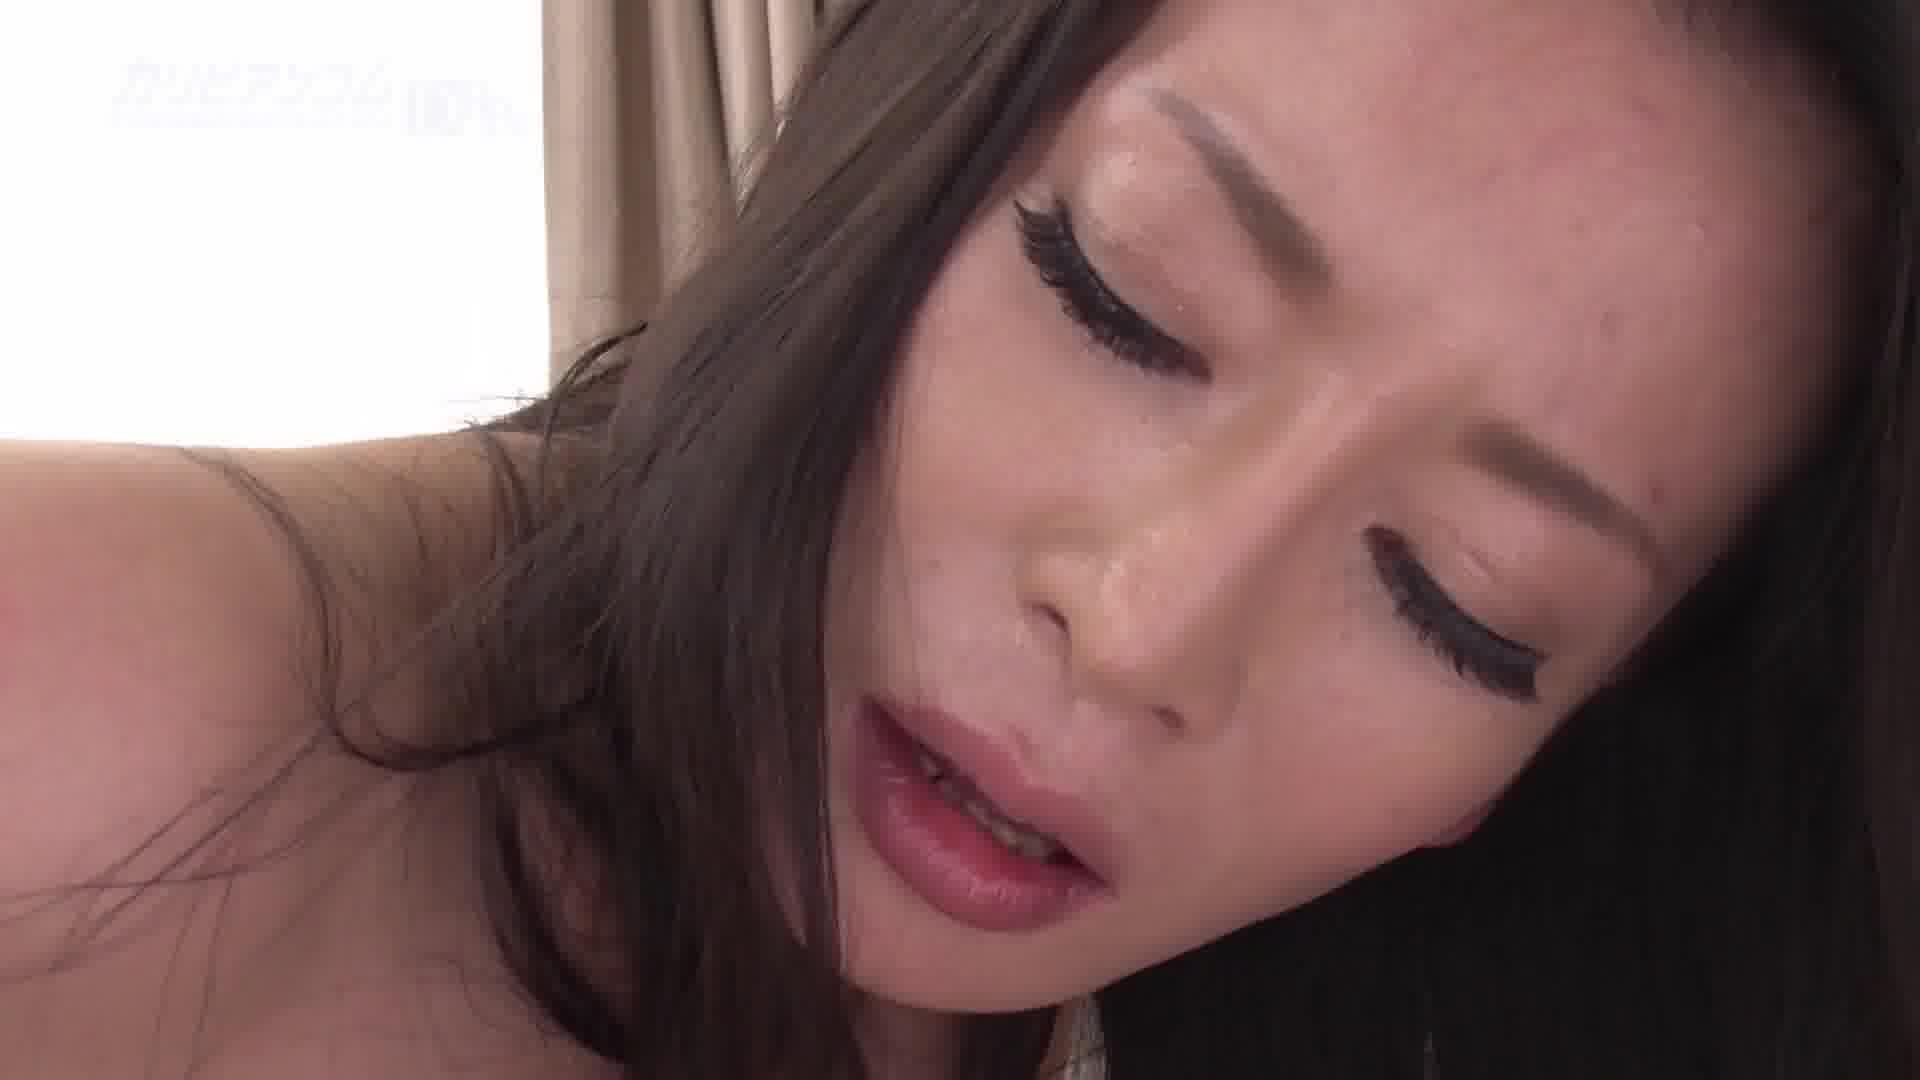 童貞狩り ~3000人斬りまたがり熟女~ - 北島玲【巨乳・痴女・クスコ】